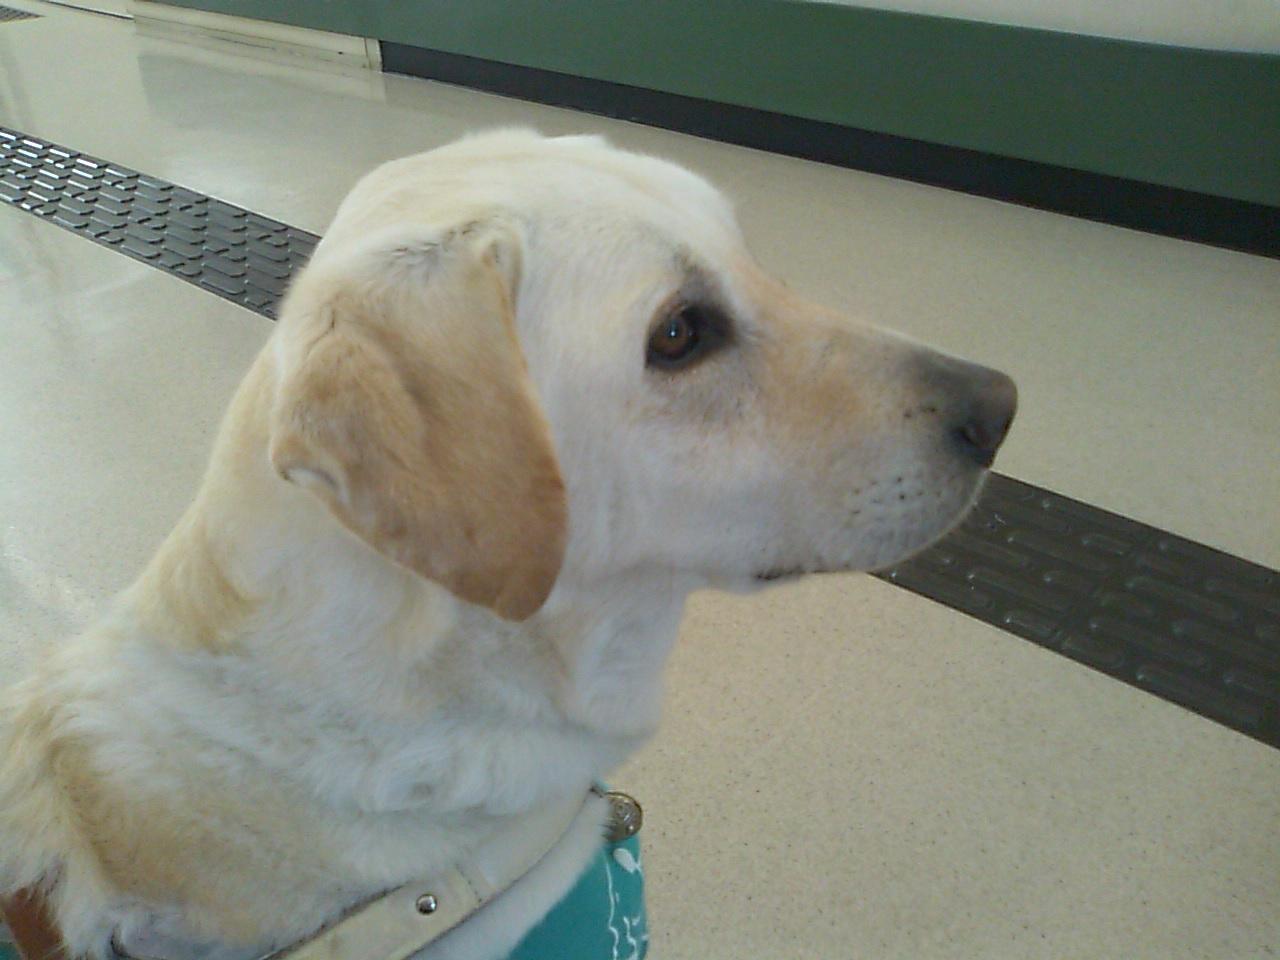 盲人福祉協会文化祭、盲導犬のエバァくん_e0068696_2040439.jpg